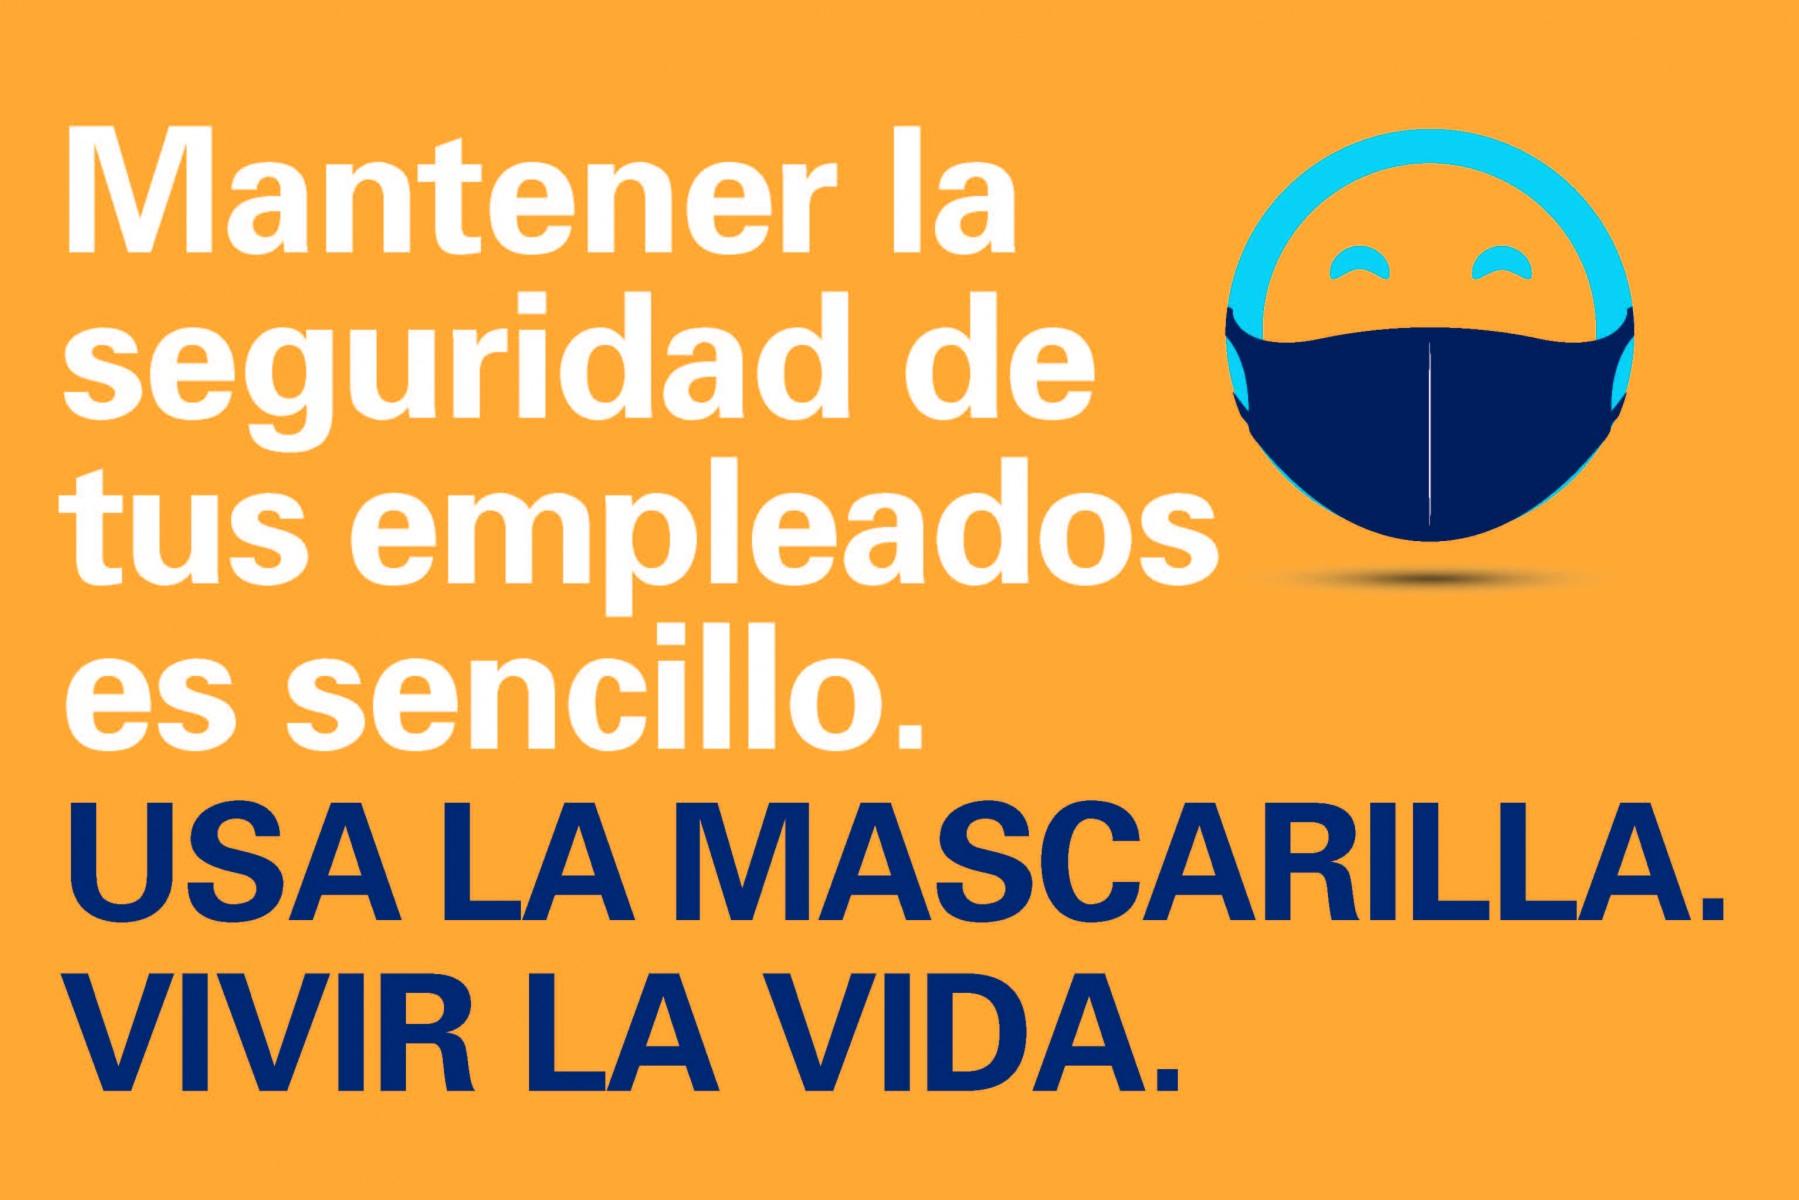 Mask Up AZ Do Life Campaign_Employees Safe_SPANISH_LI